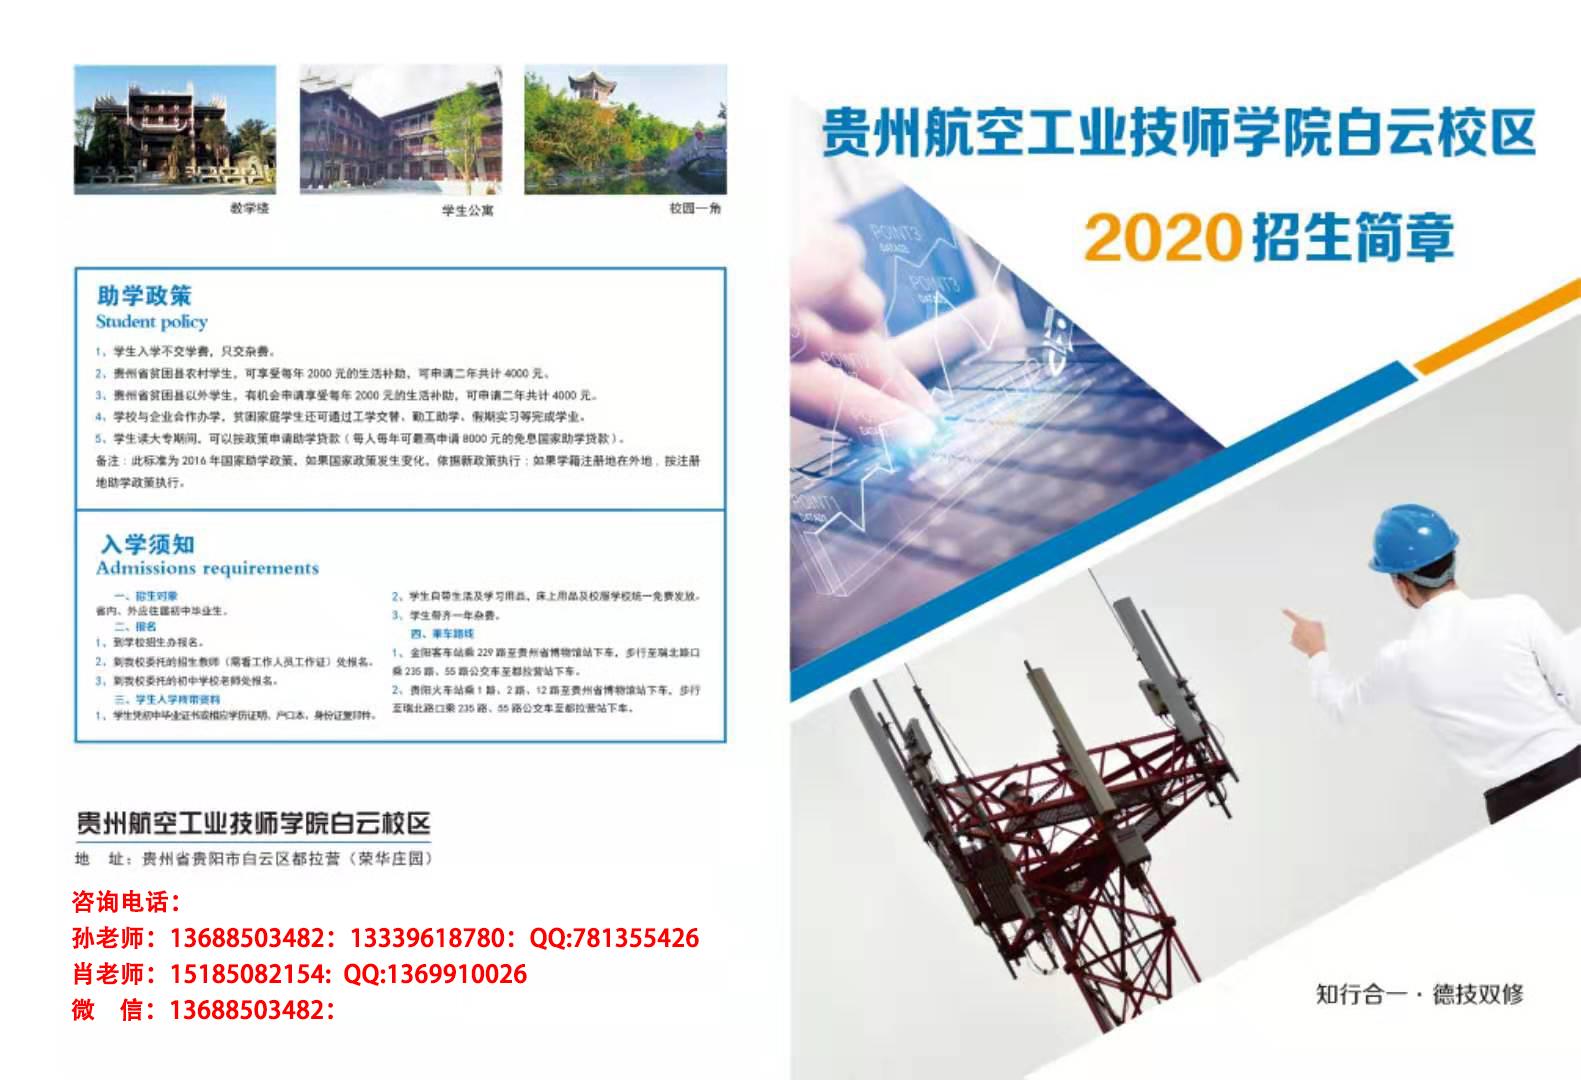 贵州航空工业技师学院白云校区2020年招生简章: